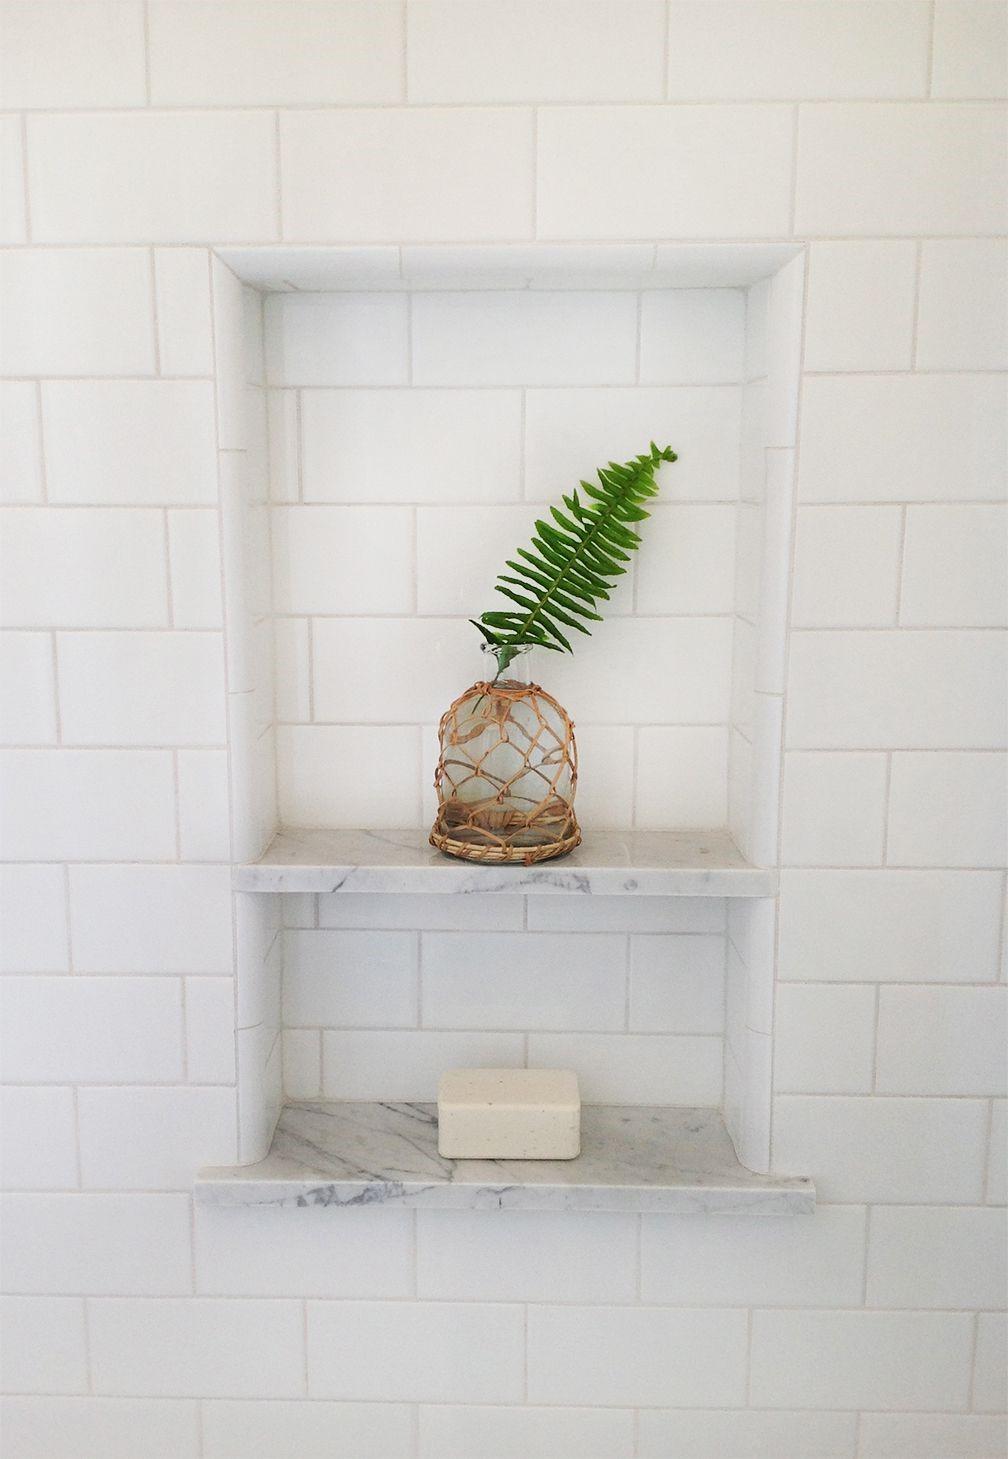 Le design zen incarne une philosophie minimaliste.